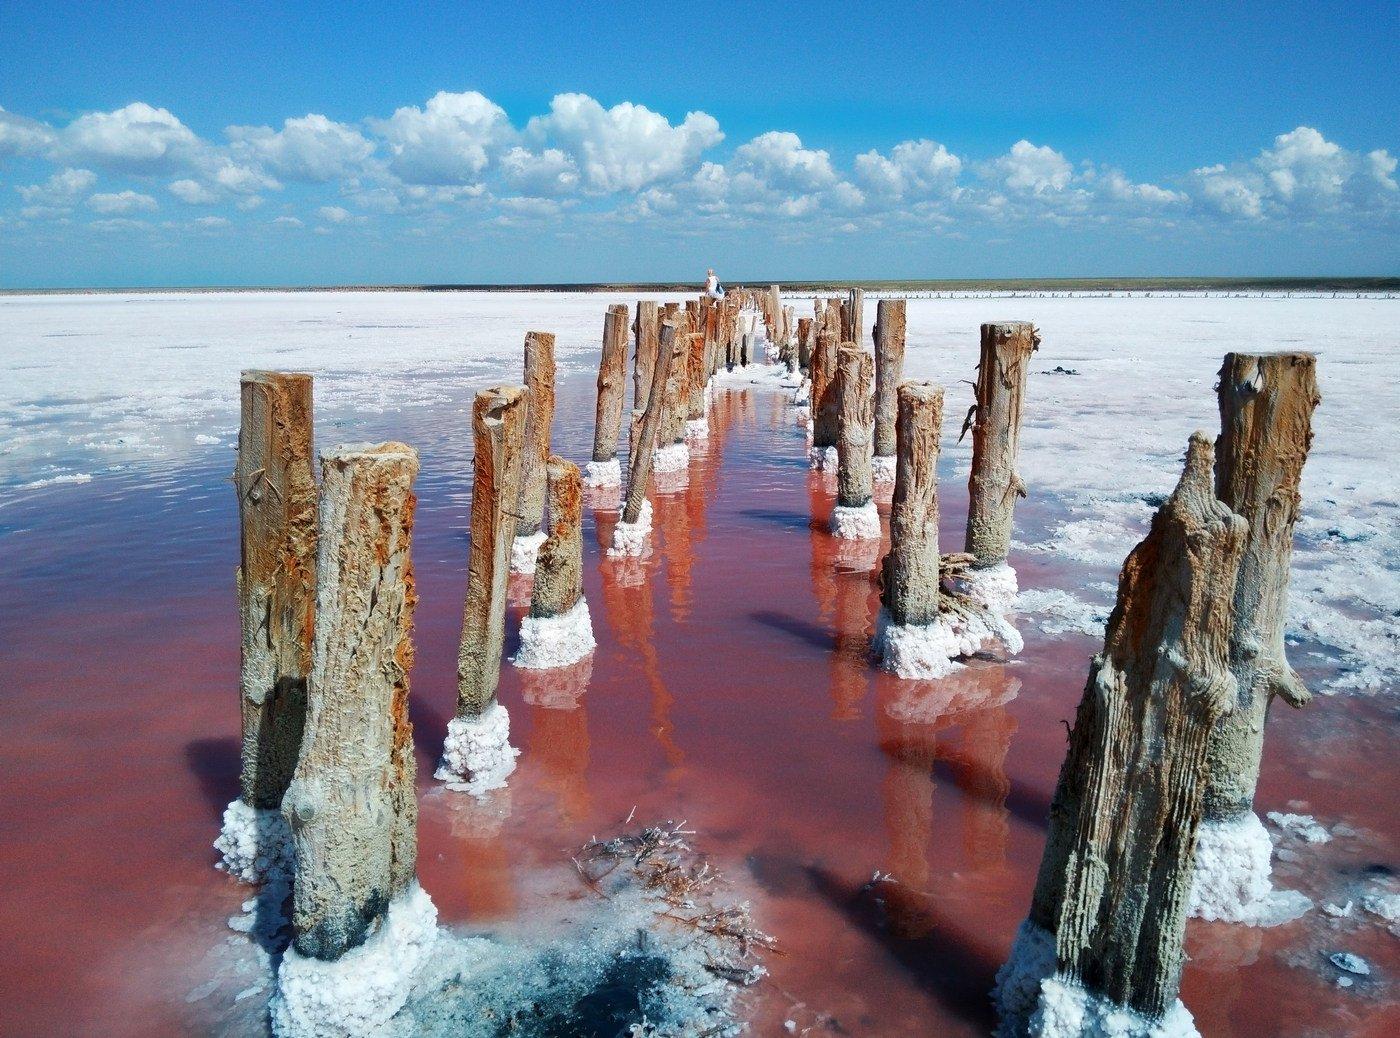 розовое озеро,соль,пейзаж,вода,арабатская стрелка, Сергей Богачёв